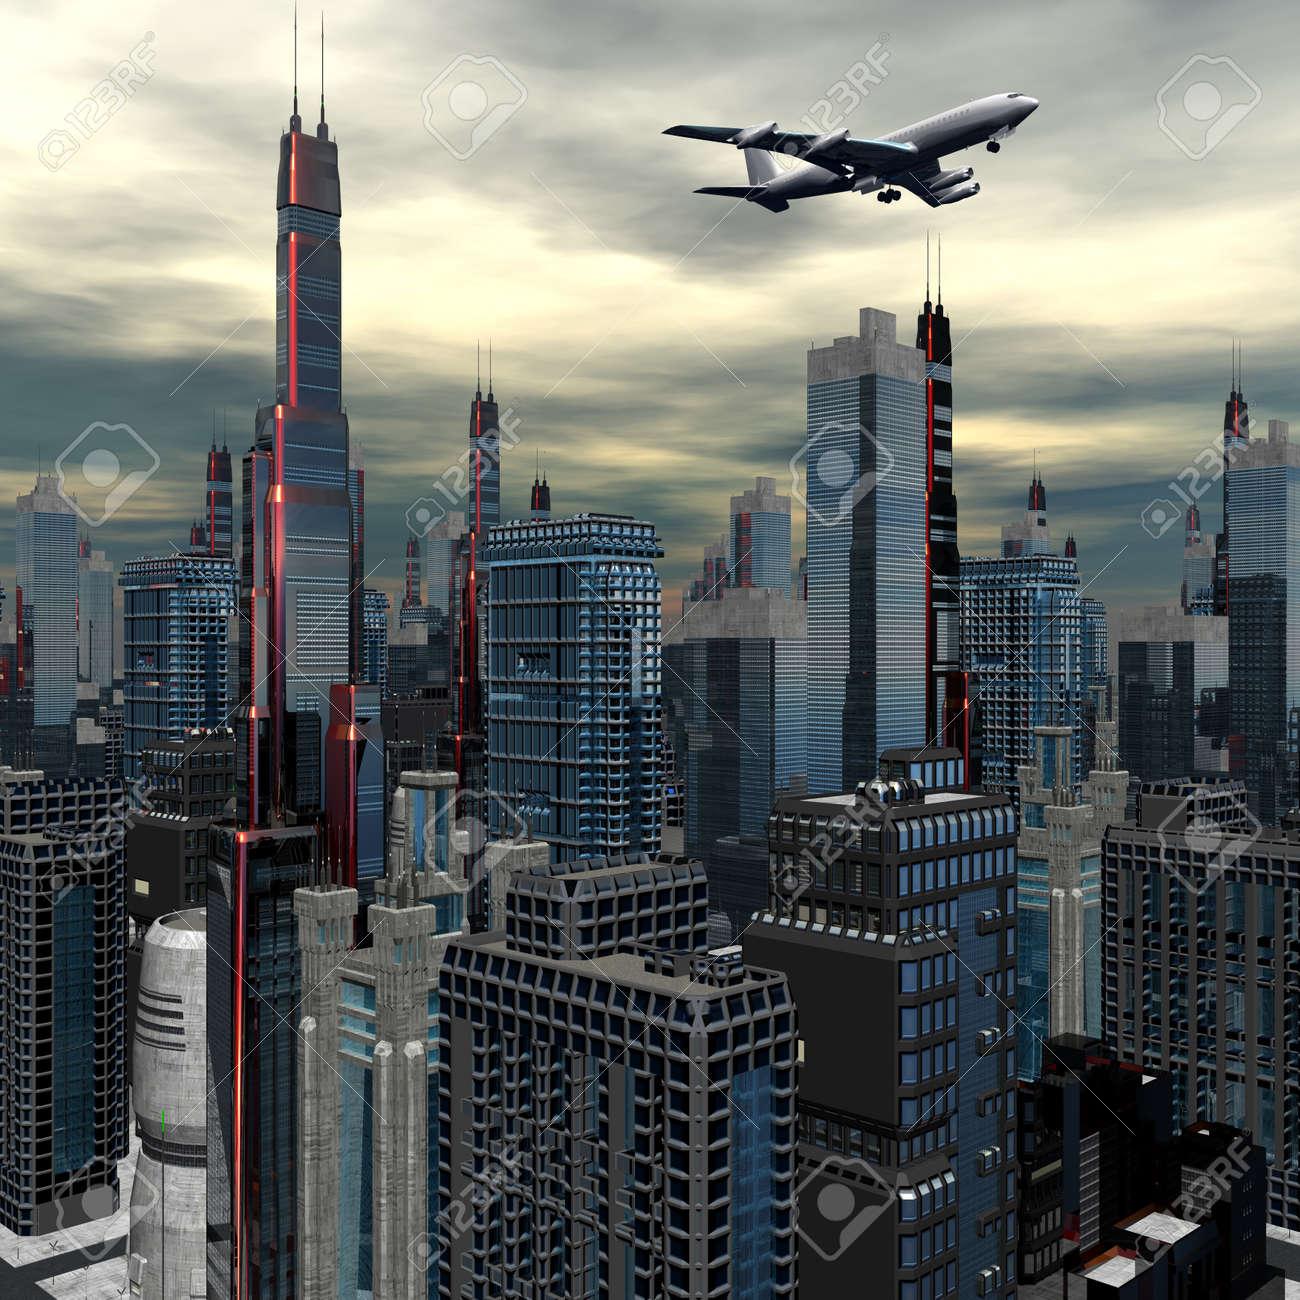 airliner silhouette above futuristic cityscape Stock Photo - 6881575